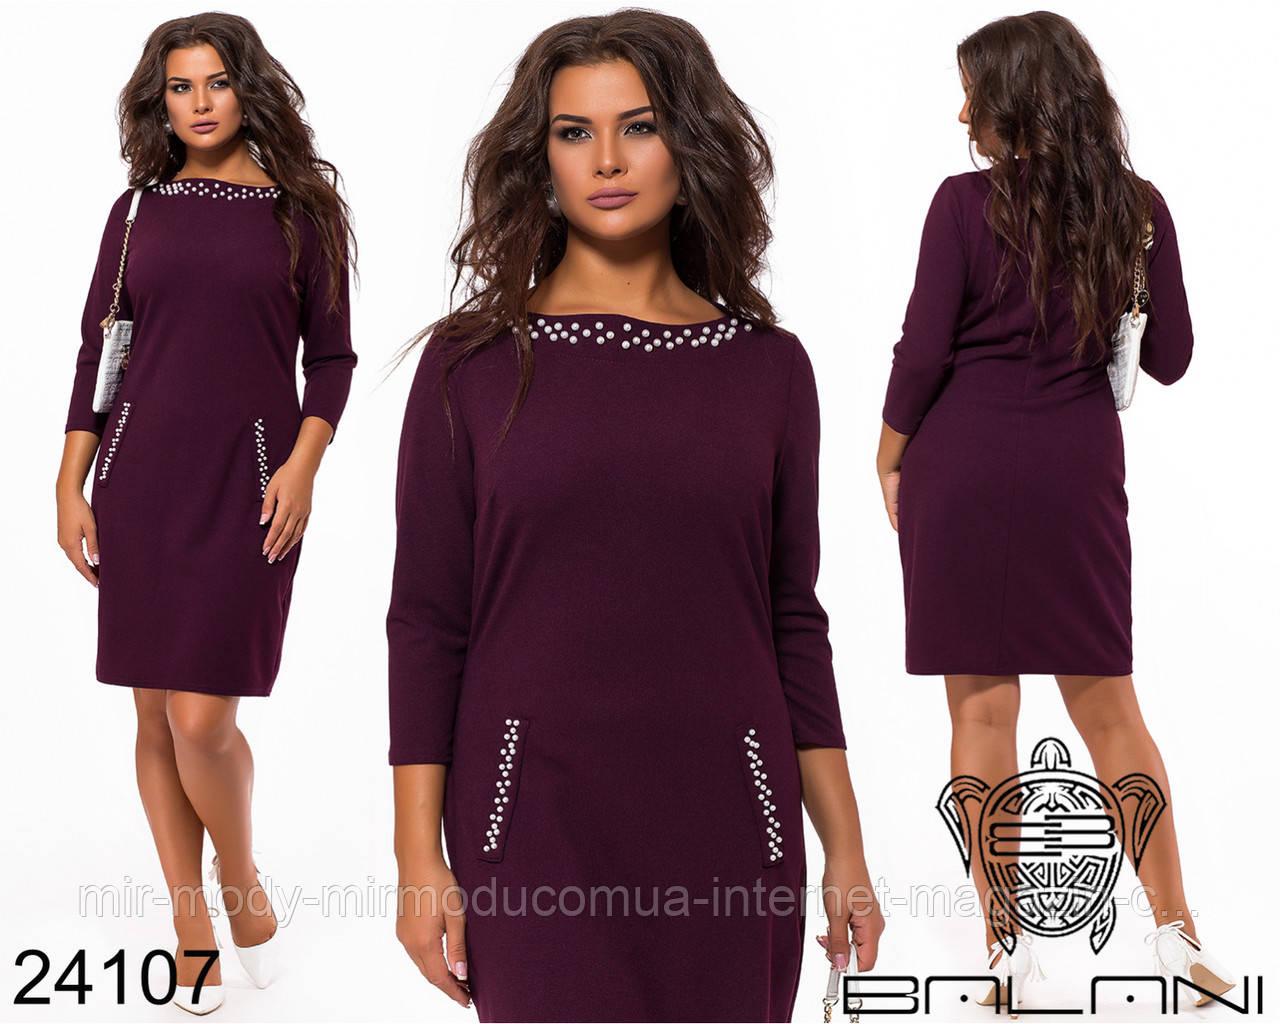 Платье - 24107 с 50 по 54  размер (бн)